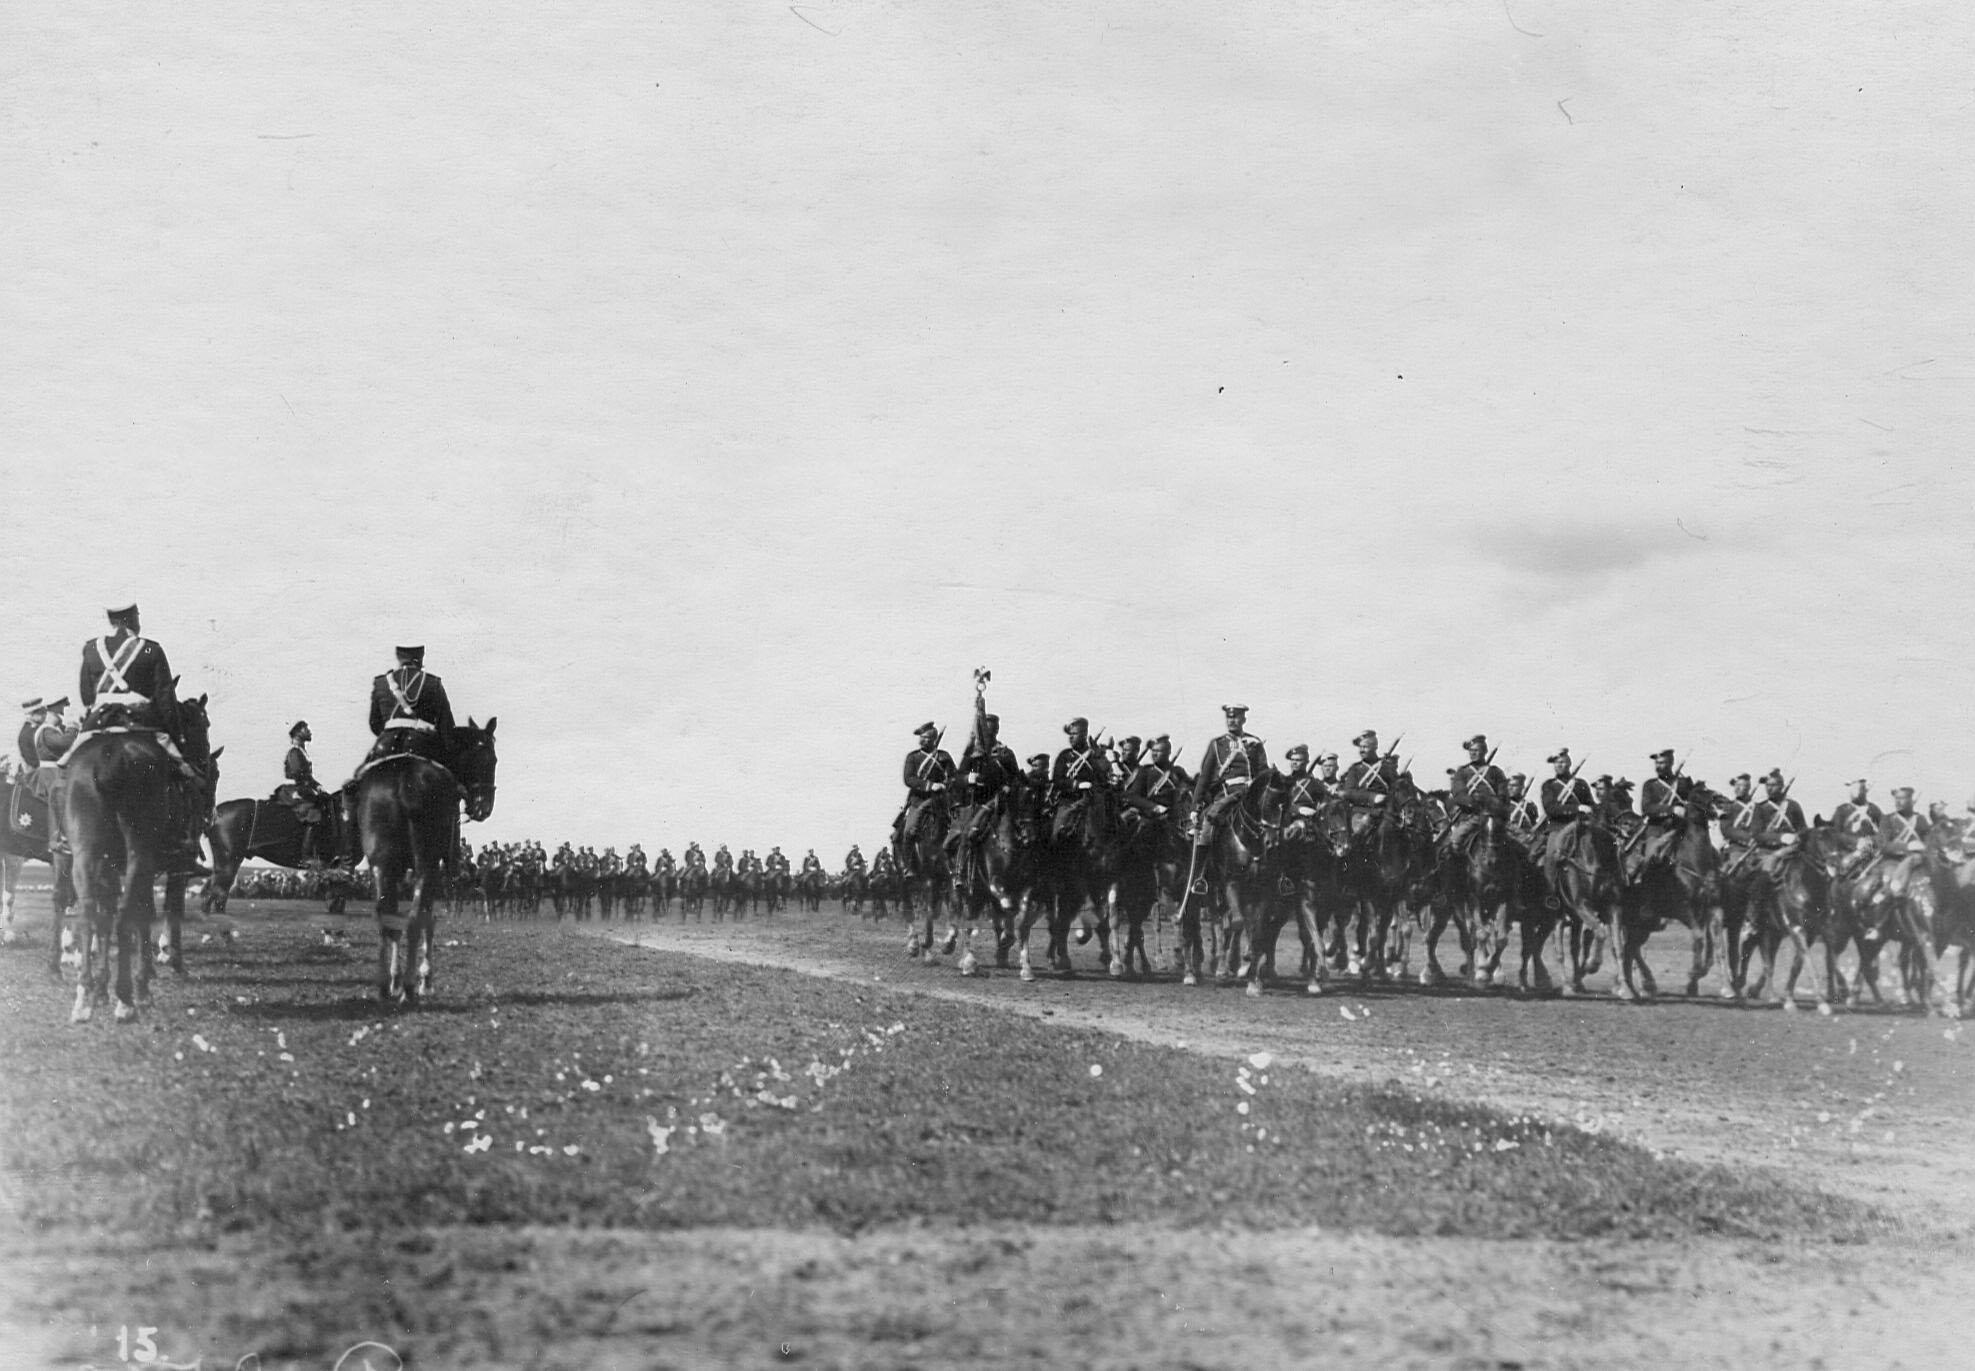 Император Николай II и сопровождающие его офицеры принимают парад Уланского Её Величества лейб-гвардии полка